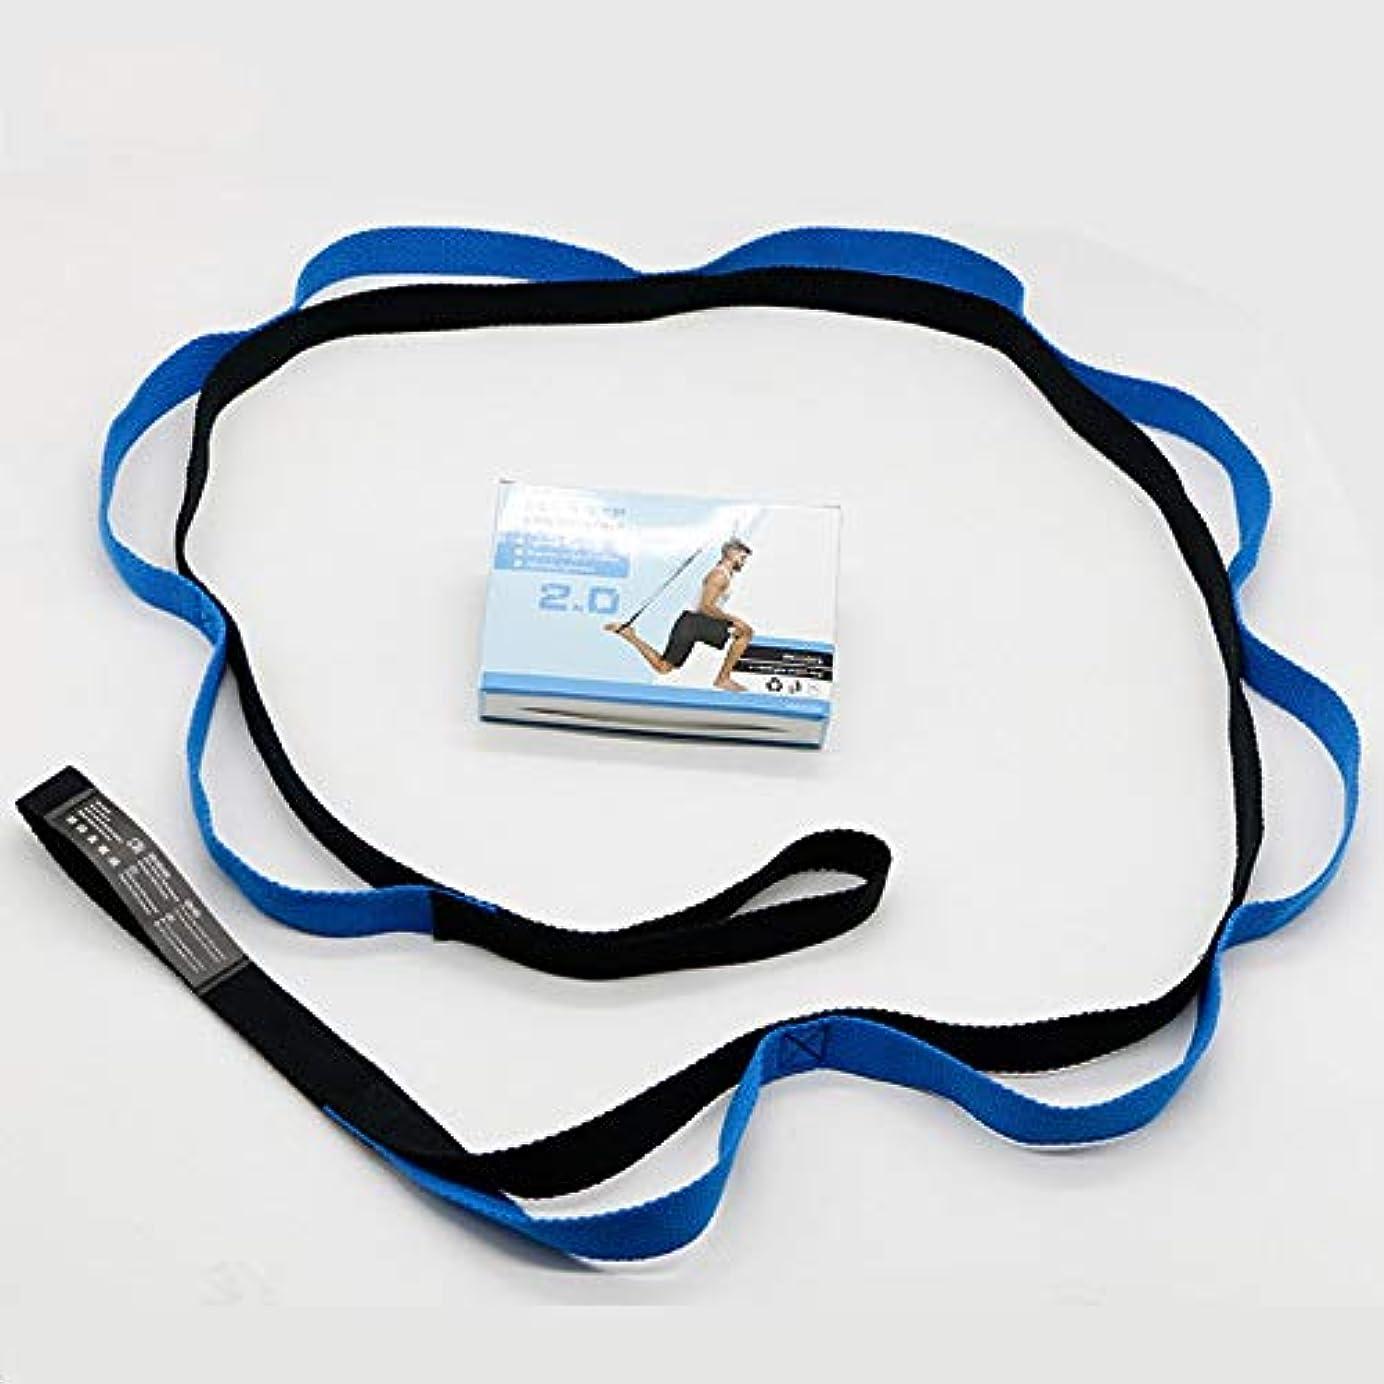 ふつうパイルデコードするフィットネスエクササイズジムヨガストレッチアウトストラップ弾性ベルトウエストレッグアームエクステンションストラップベルトスポーツユニセックストレーニングベルトバンド - ブルー&ブラック